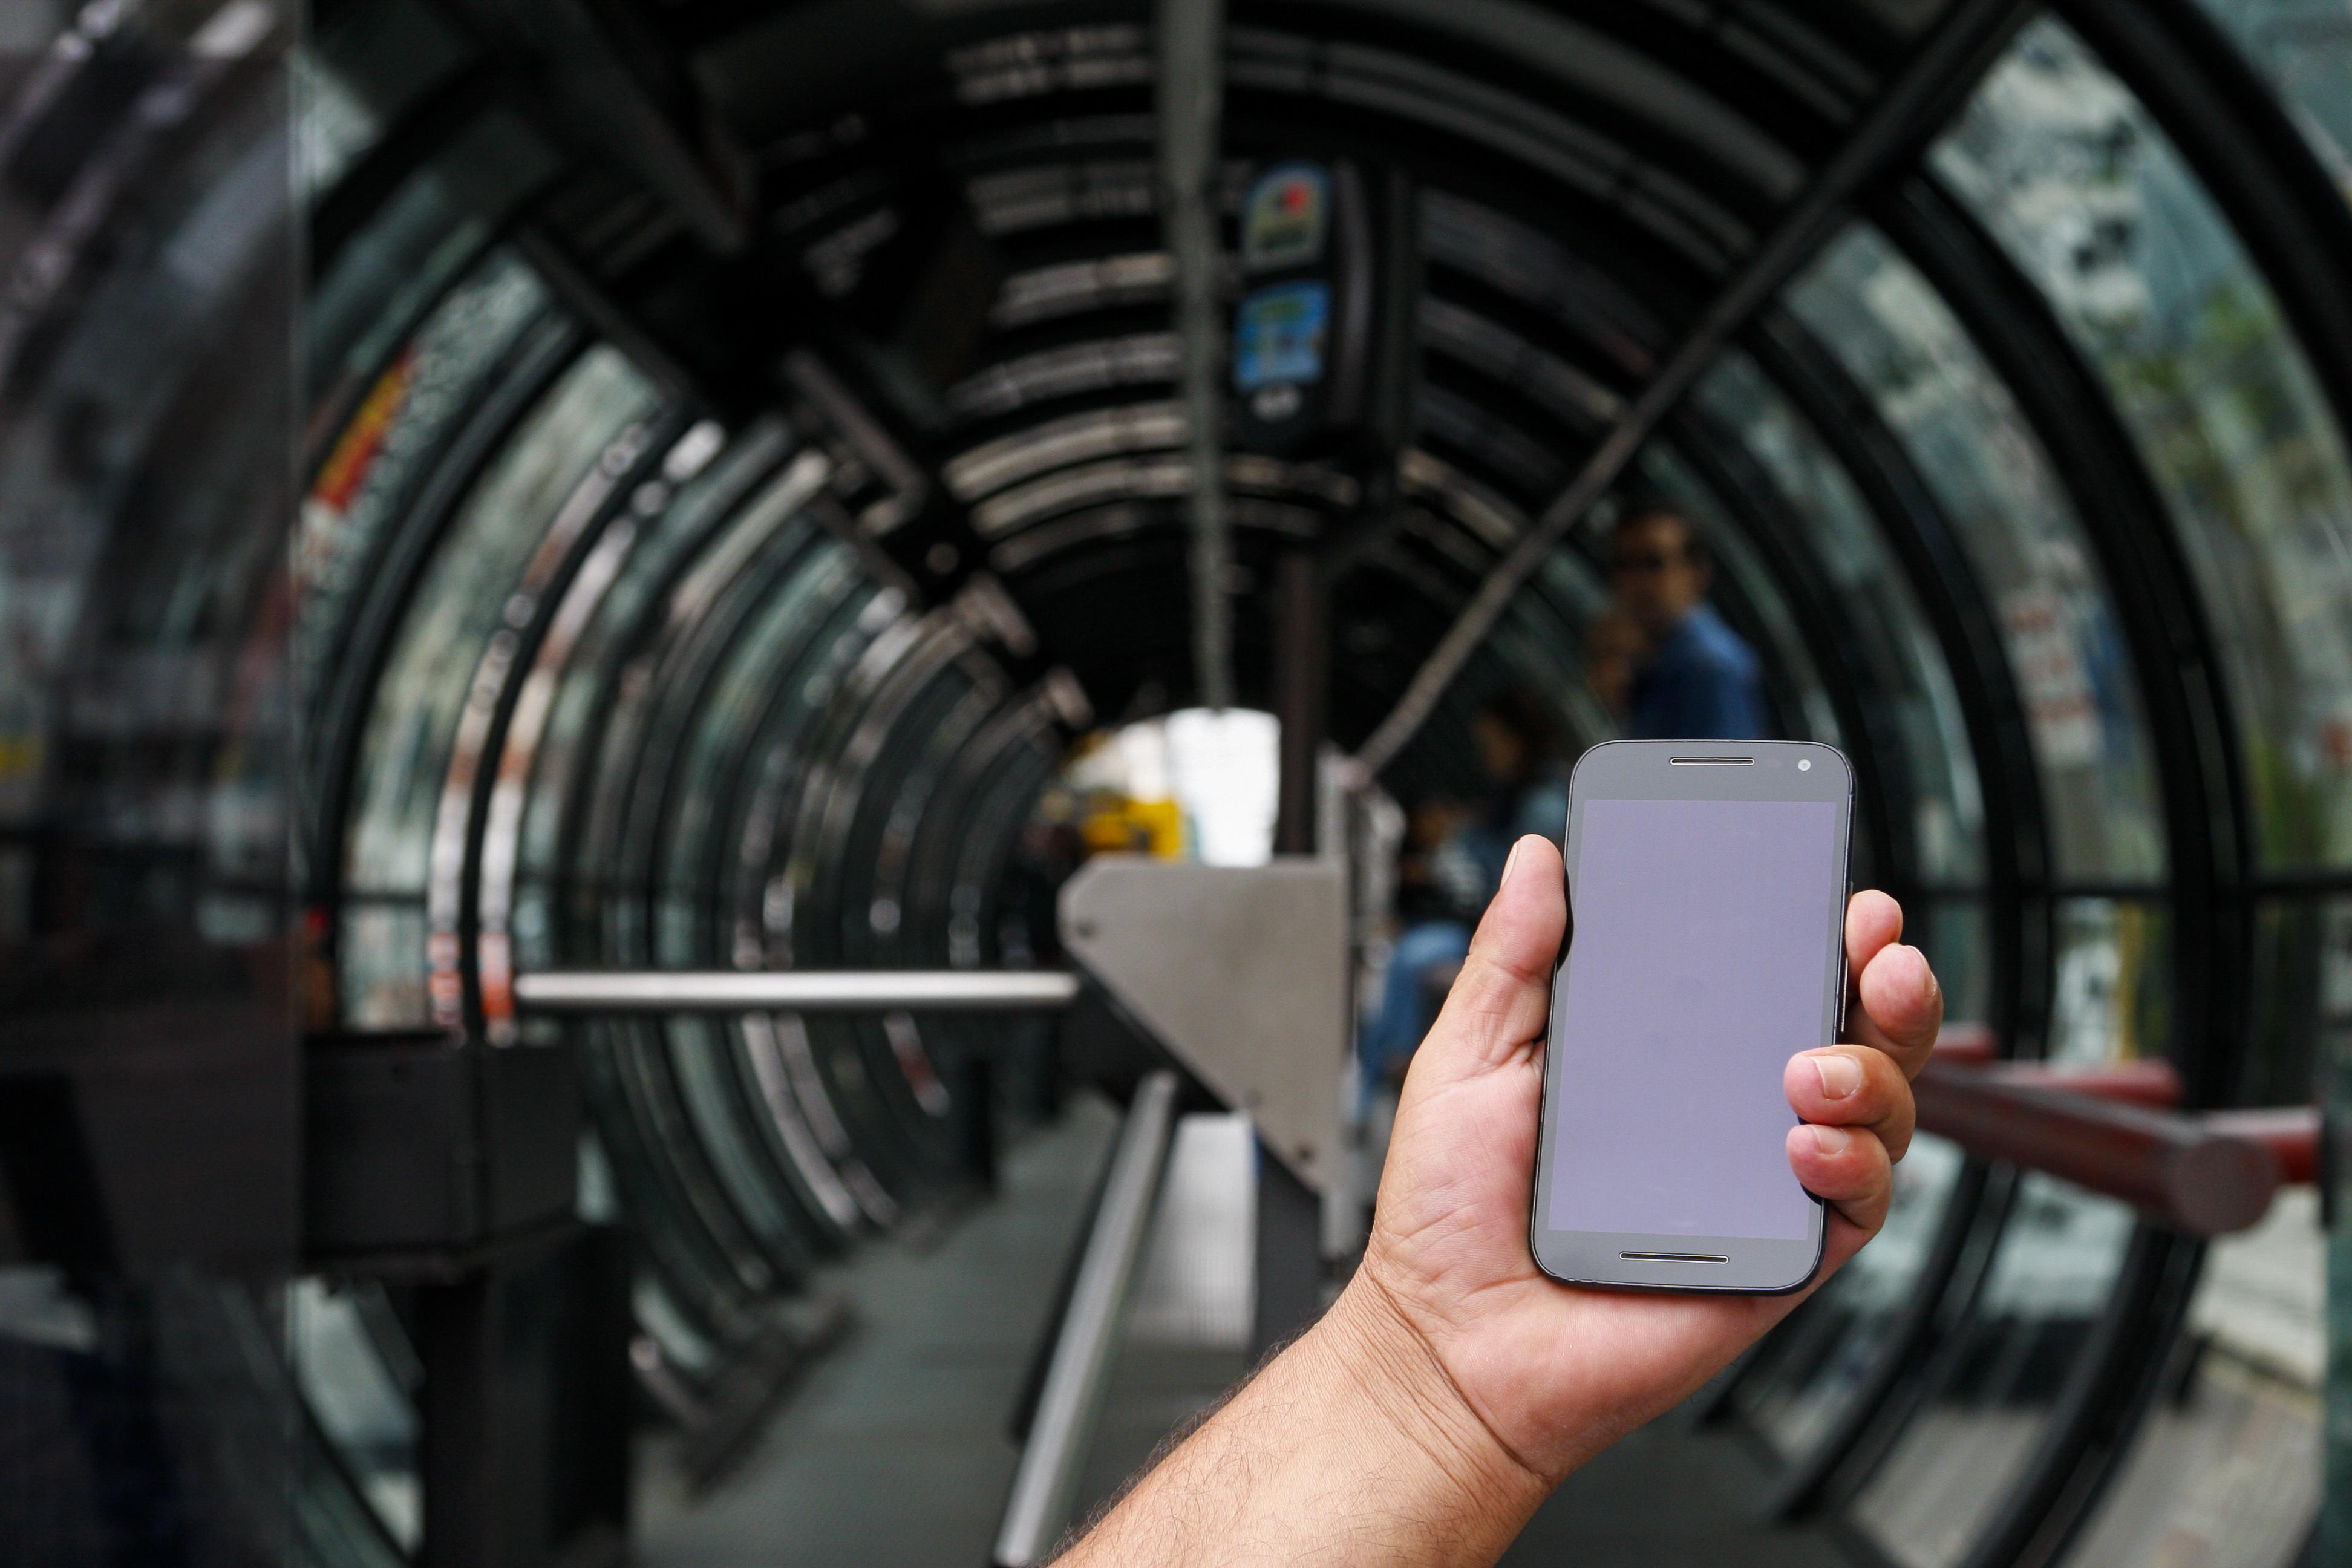 celular em uma mão em frente à estação-tubo em Curitiba